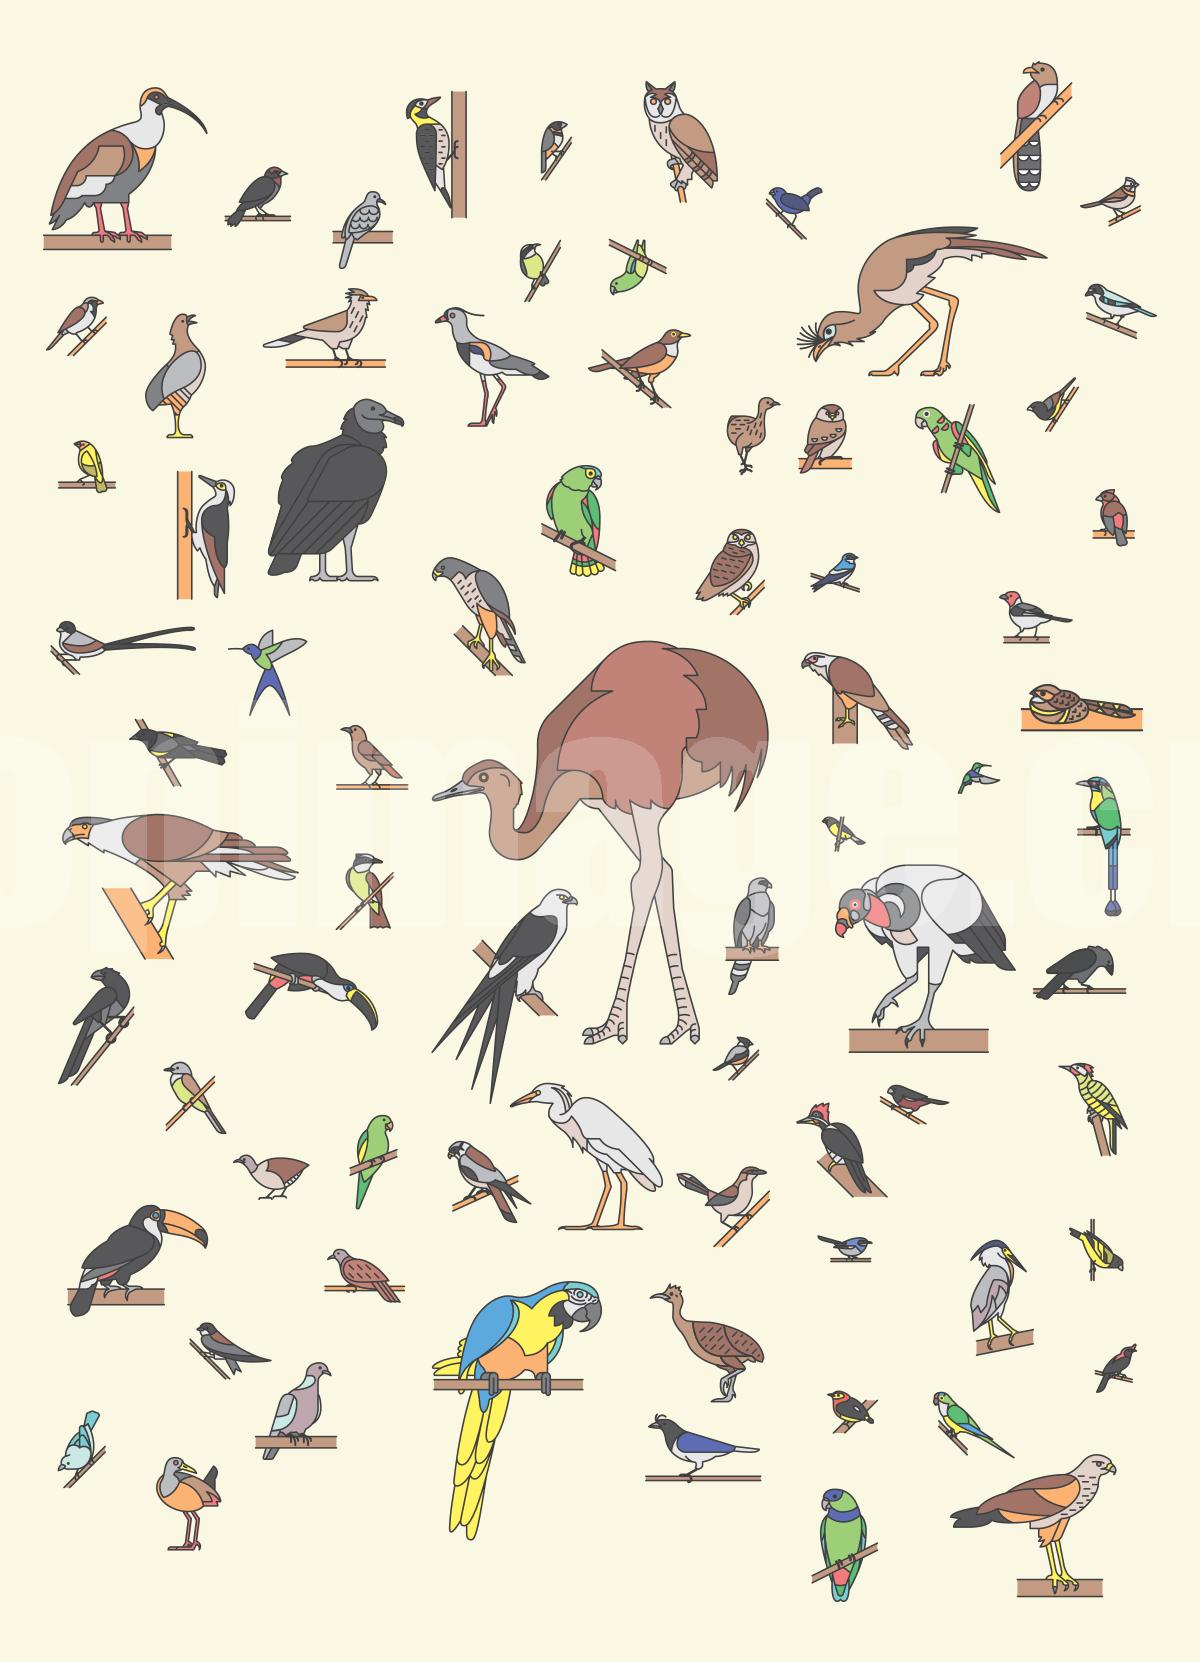 最全的鸟类 icon 鹦鹉 鸵鸟 喜鹊猫头鹰 图标源文件下载